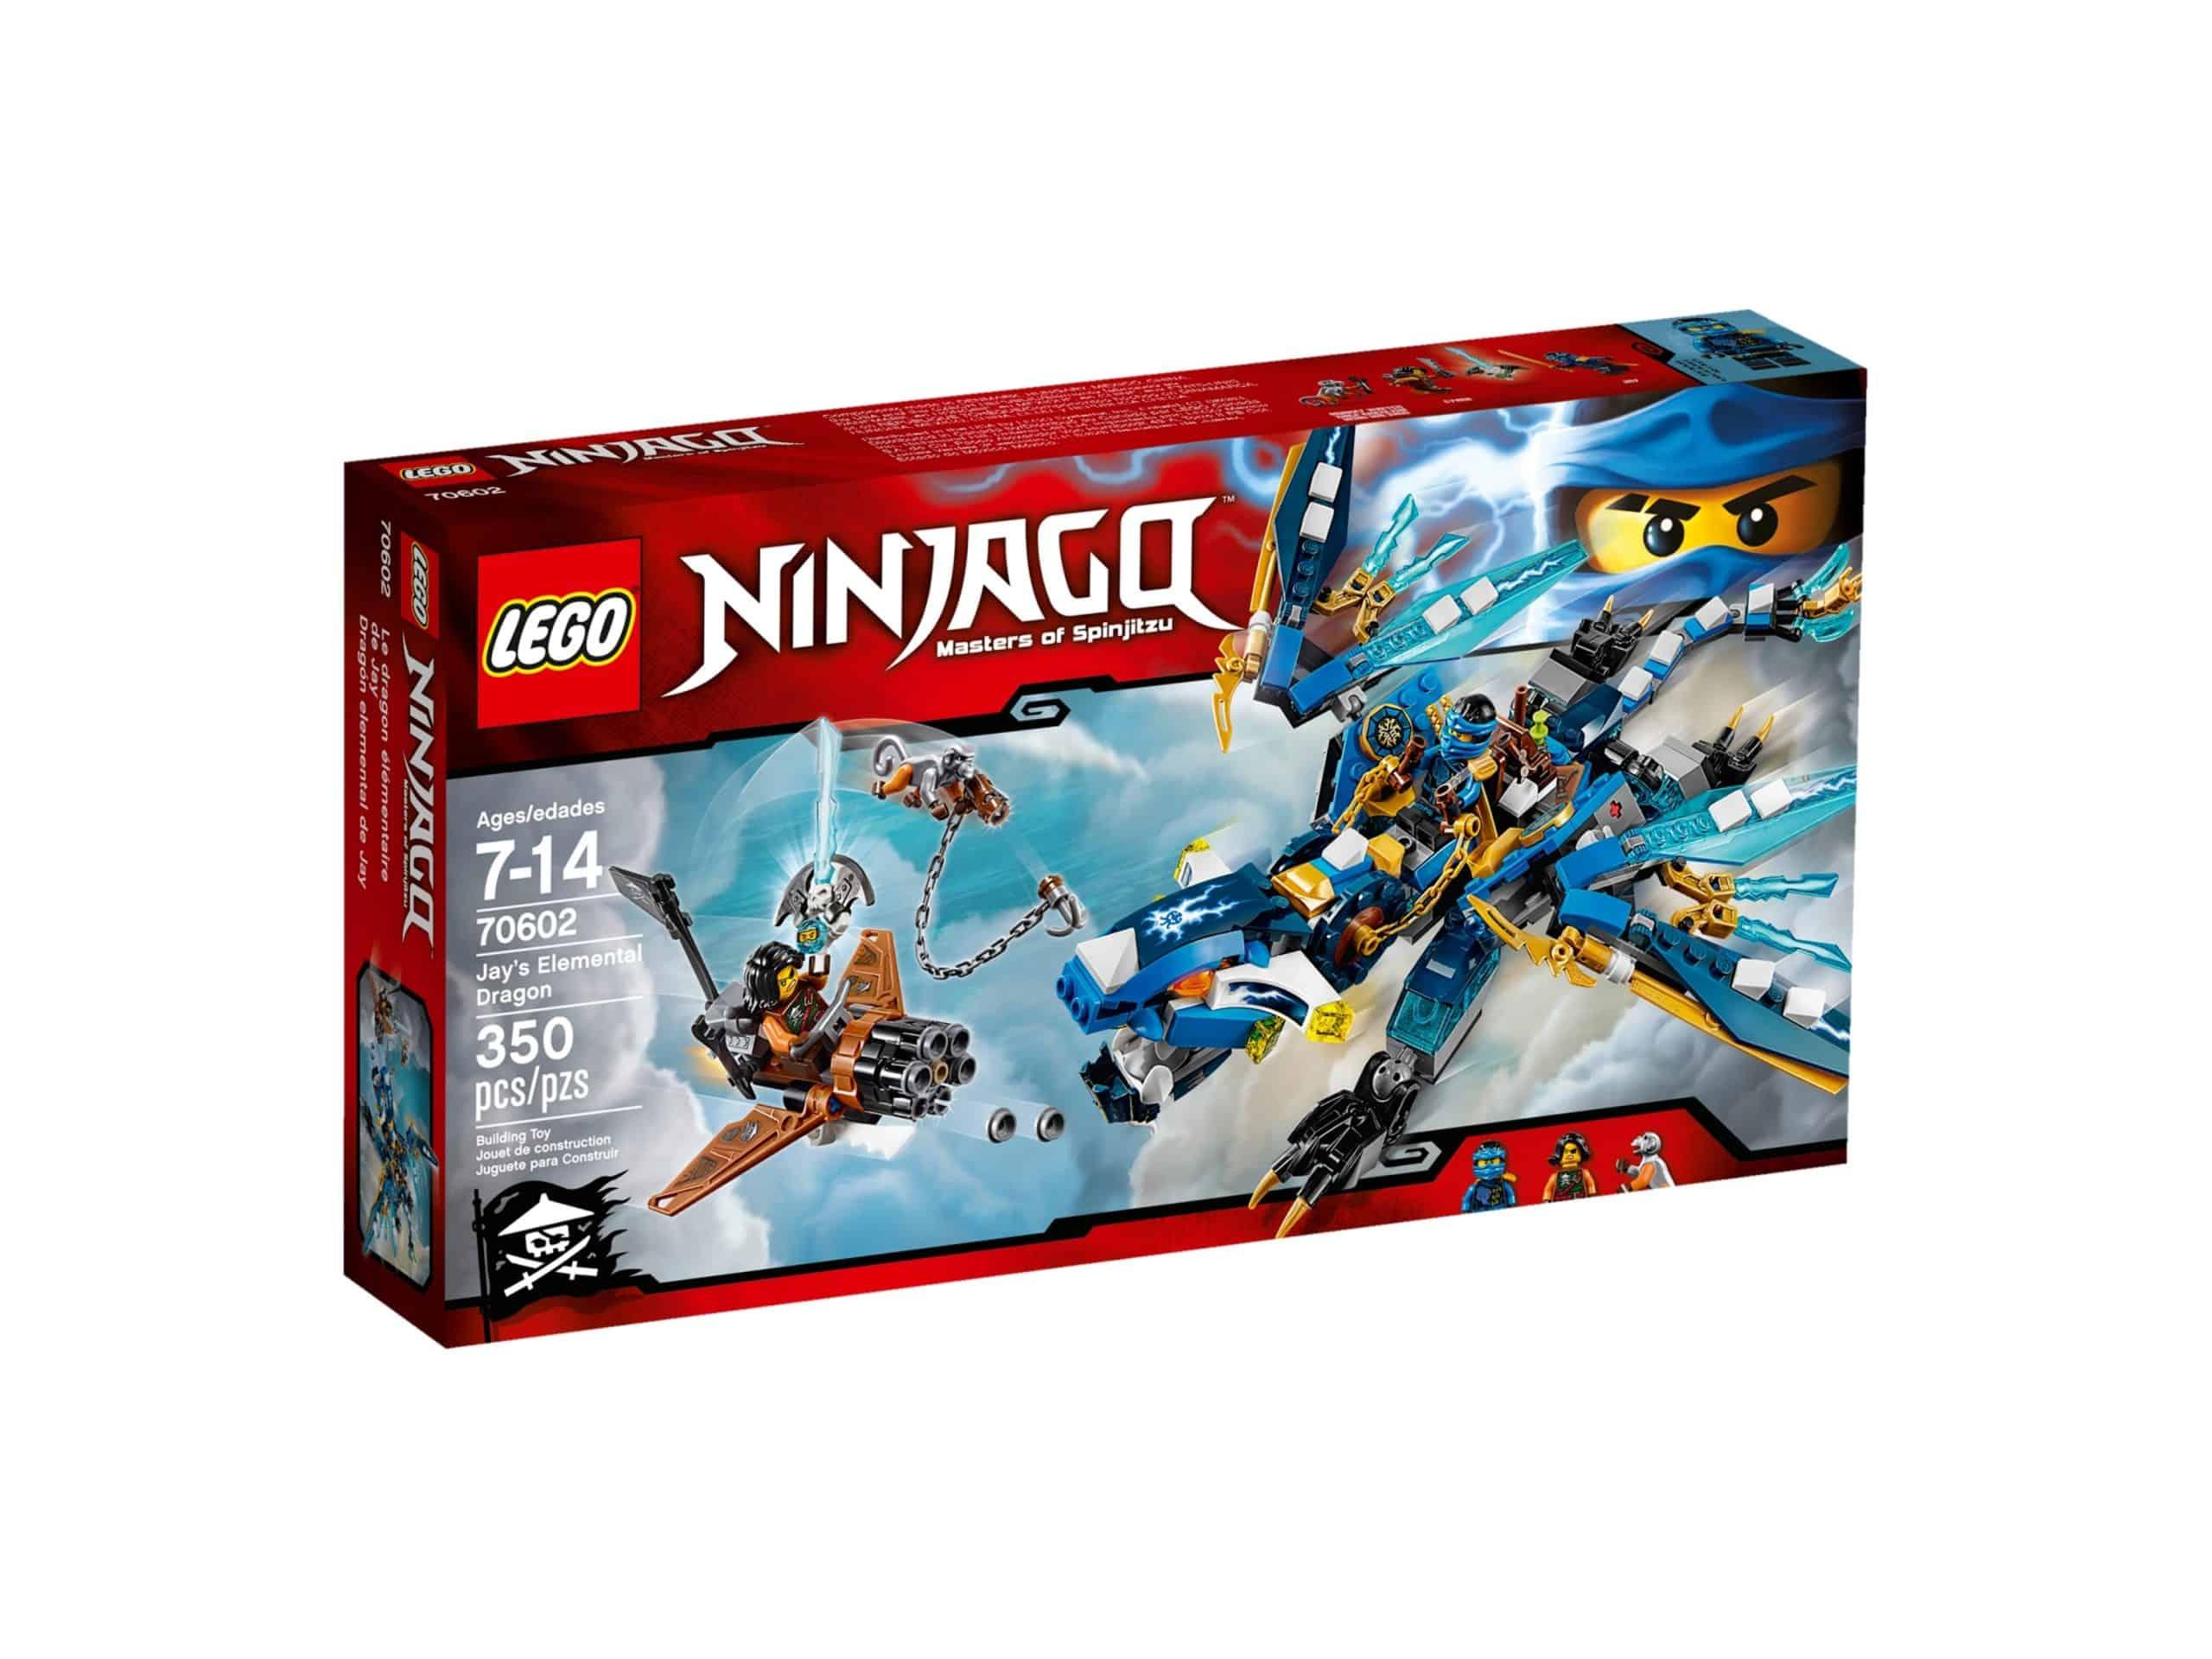 lego 70602 jays elementdrage scaled